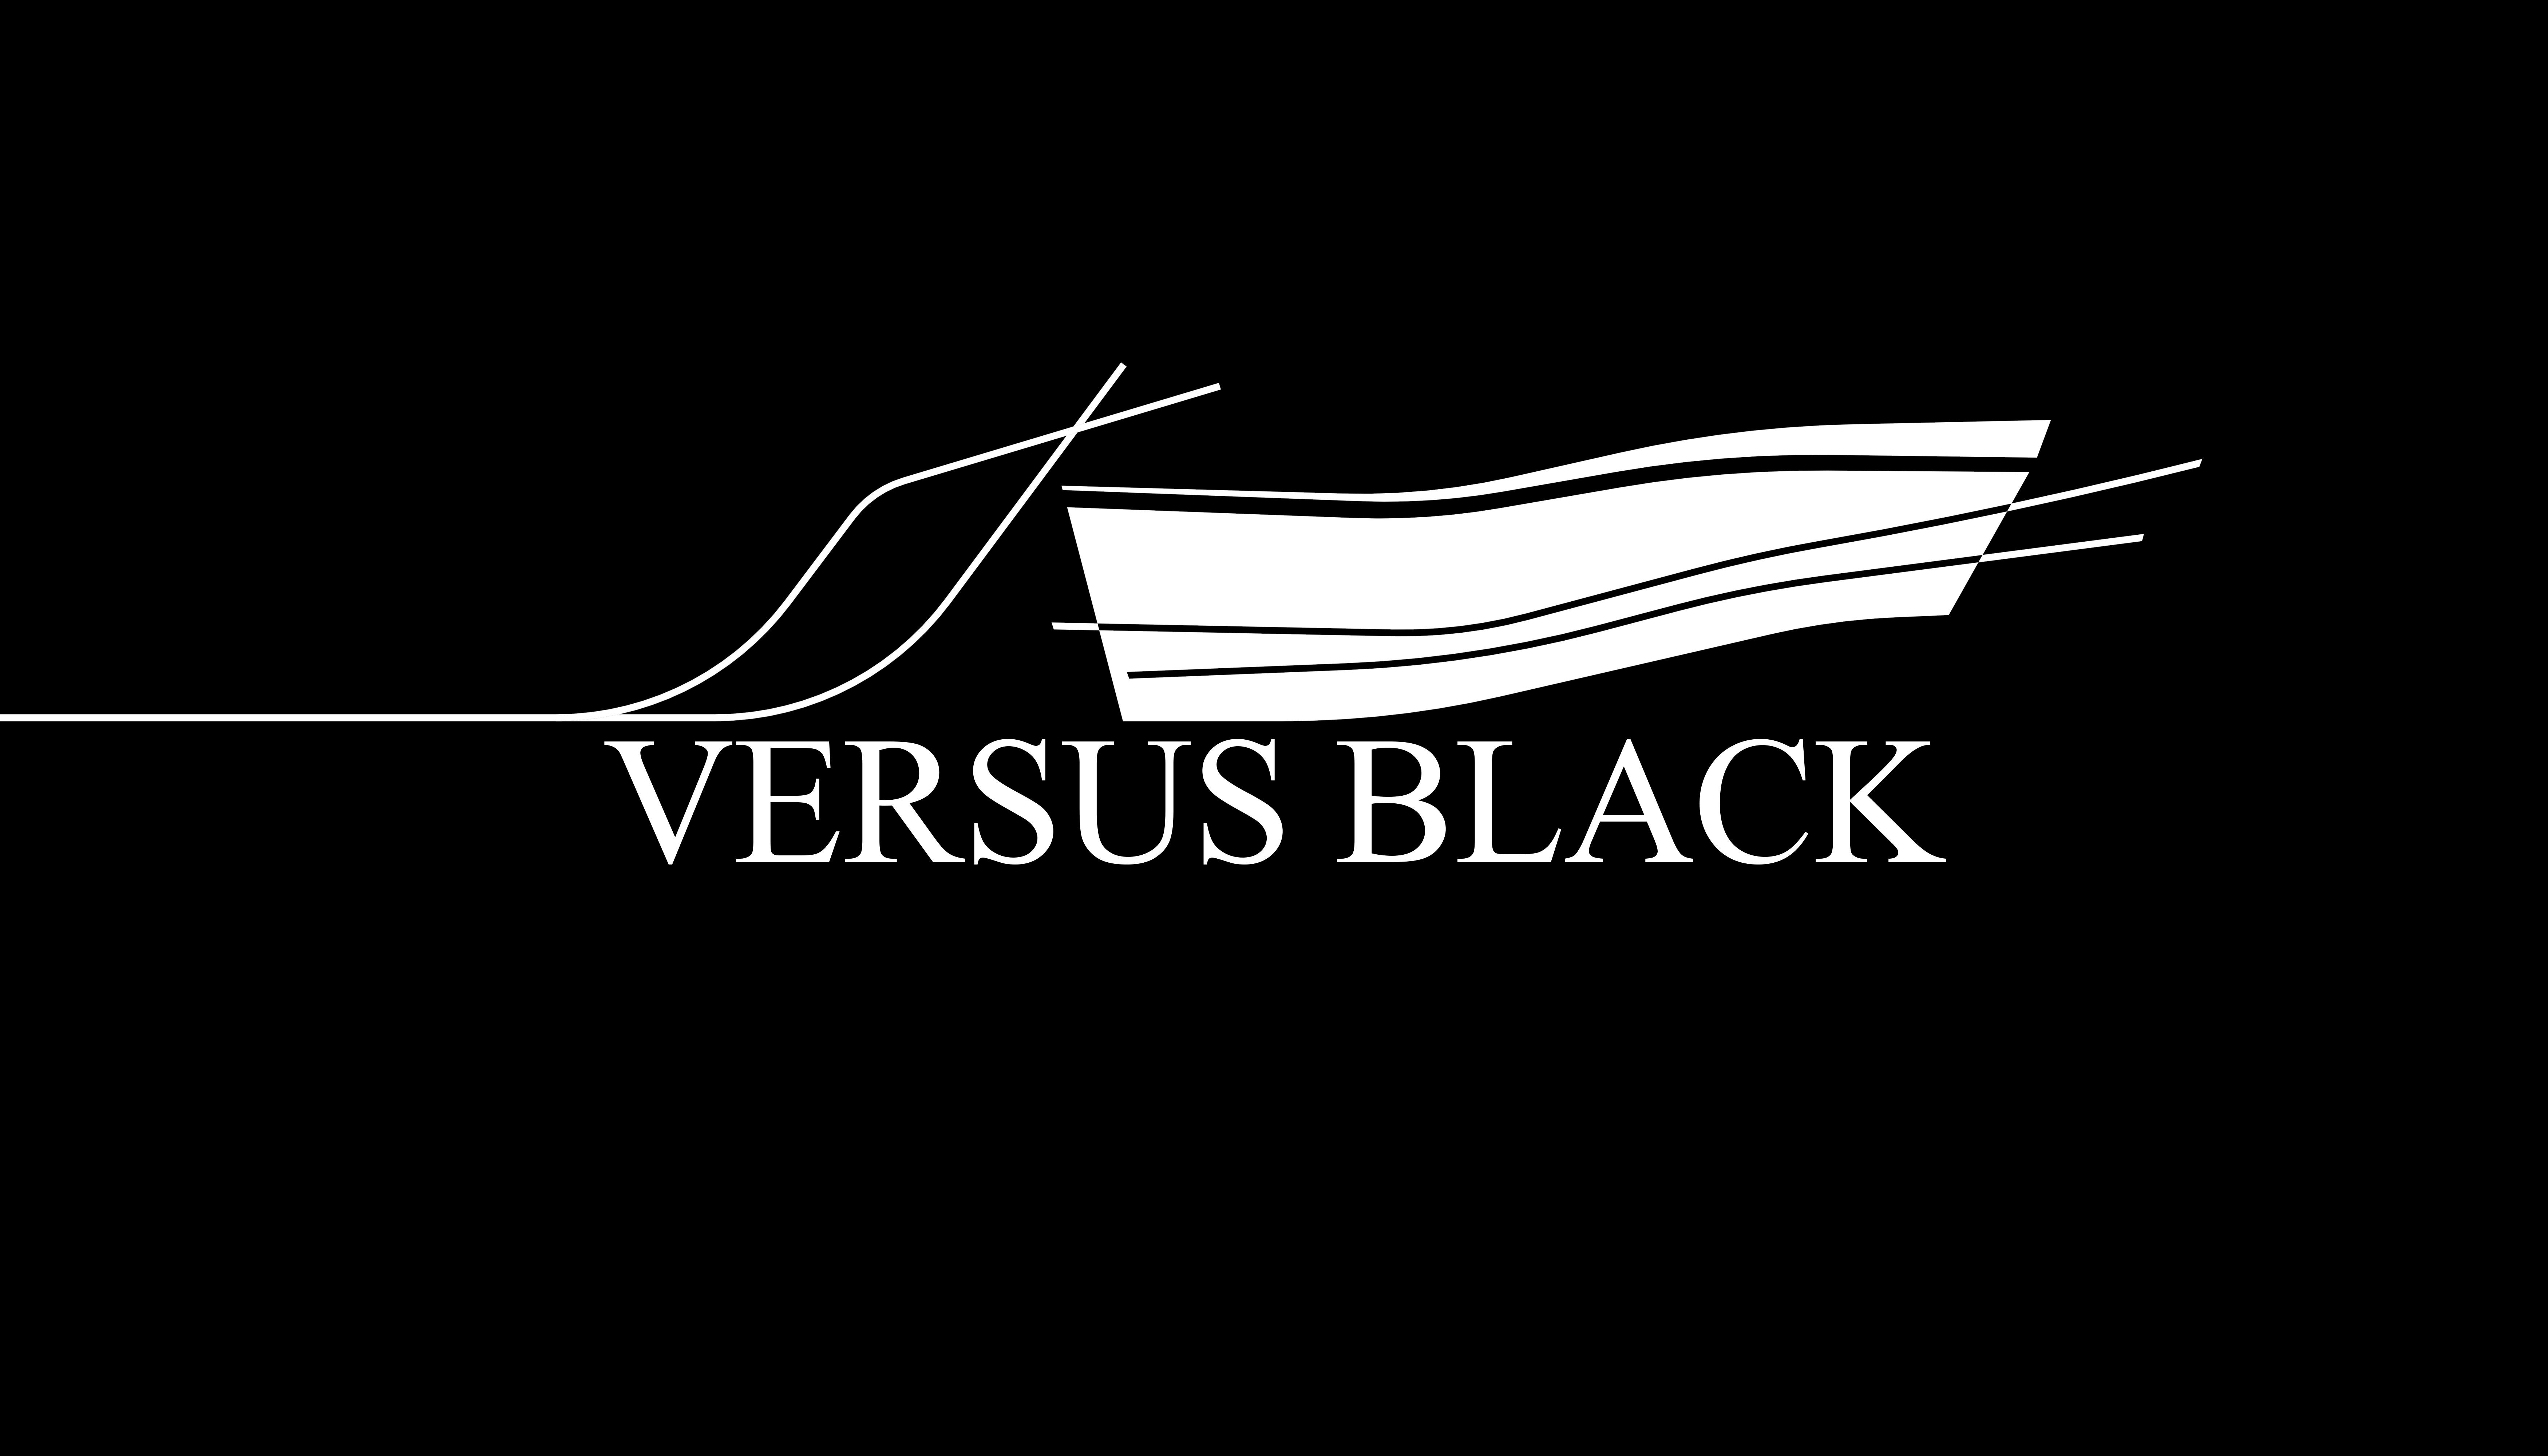 20190202 VSBK Logo Vr1.1_6Kx4Kpx